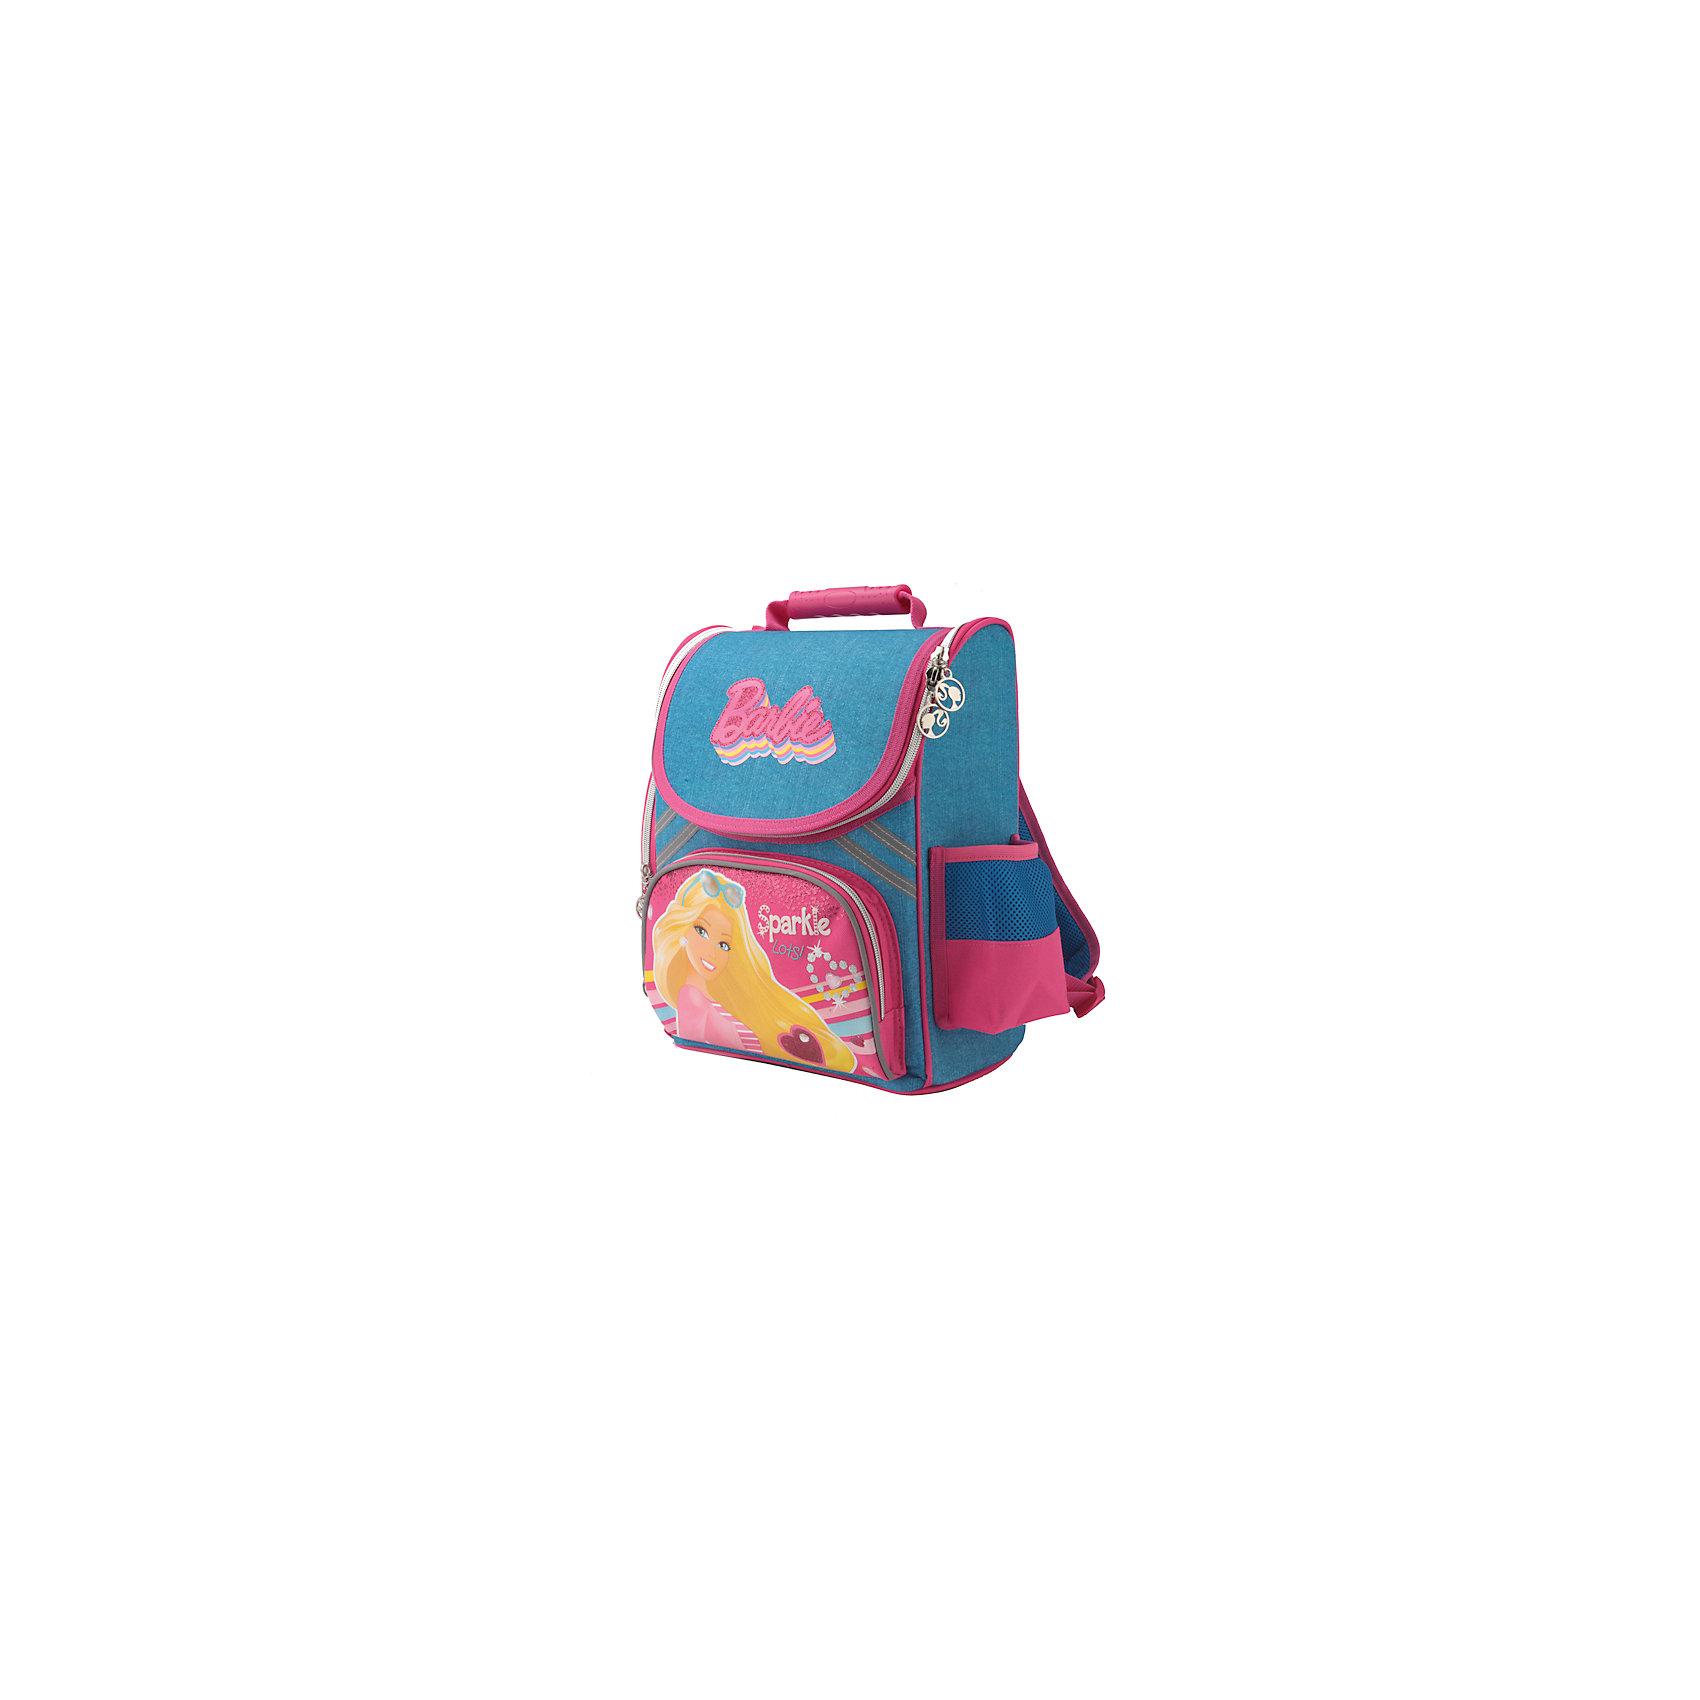 Школьный ранец BarbieРюкзак-ранец Barbie (Барби), 35х29х16см доставит всем девочкам удовольствие, ведь изображенная Барби такая красивая! Спинка сделана из водонепроницаемого упругого материала, анатомически расположенные поролоновые вставки и специальная сетка для воздухообмена обеспечивают максимальный комфорт и равномерное распределение нагрузки на лопатки и копчик. Рюкзак очень вместителен, основное отделение имеет разделители, куда без труда можно разместить любой учебник формата А4.<br><br>Комплектация: рюкзак, браслетик<br><br>Характеристики:<br>-Широкие лямки позволяют снизить нагрузку на плечи <br>-Светоотражающие элементы на лямках и корпусе рюкзака повышают безопасность ребёнка на дороге<br>-Боковые стороны и спинка выполнены из водонепроницаемого материала<br>-Резиновая ручка позволяет удобно переносить рюкзак в руках<br>-Дно укреплено пластиковой вставкой<br>-Карманы: вместительный наружный карман на молнии и два боковых кармана (мягкий карман на молнии и карман с утягивающей резинкой и сеткой)<br>-Рост ребенка до 122 см<br><br>Дополнительная информация:<br>-Серия: Барби<br>-Размеры: 35х29х16 см<br>-Вес: 950 г<br>-Материалы: текстиль, пластик, резина<br><br>Рюкзак-ранец Barbie (Барби), 35х29х16см можно купить в нашем магазине.<br><br>Ширина мм: 160<br>Глубина мм: 350<br>Высота мм: 290<br>Вес г: 1022<br>Возраст от месяцев: 60<br>Возраст до месяцев: 120<br>Пол: Женский<br>Возраст: Детский<br>SKU: 4144389